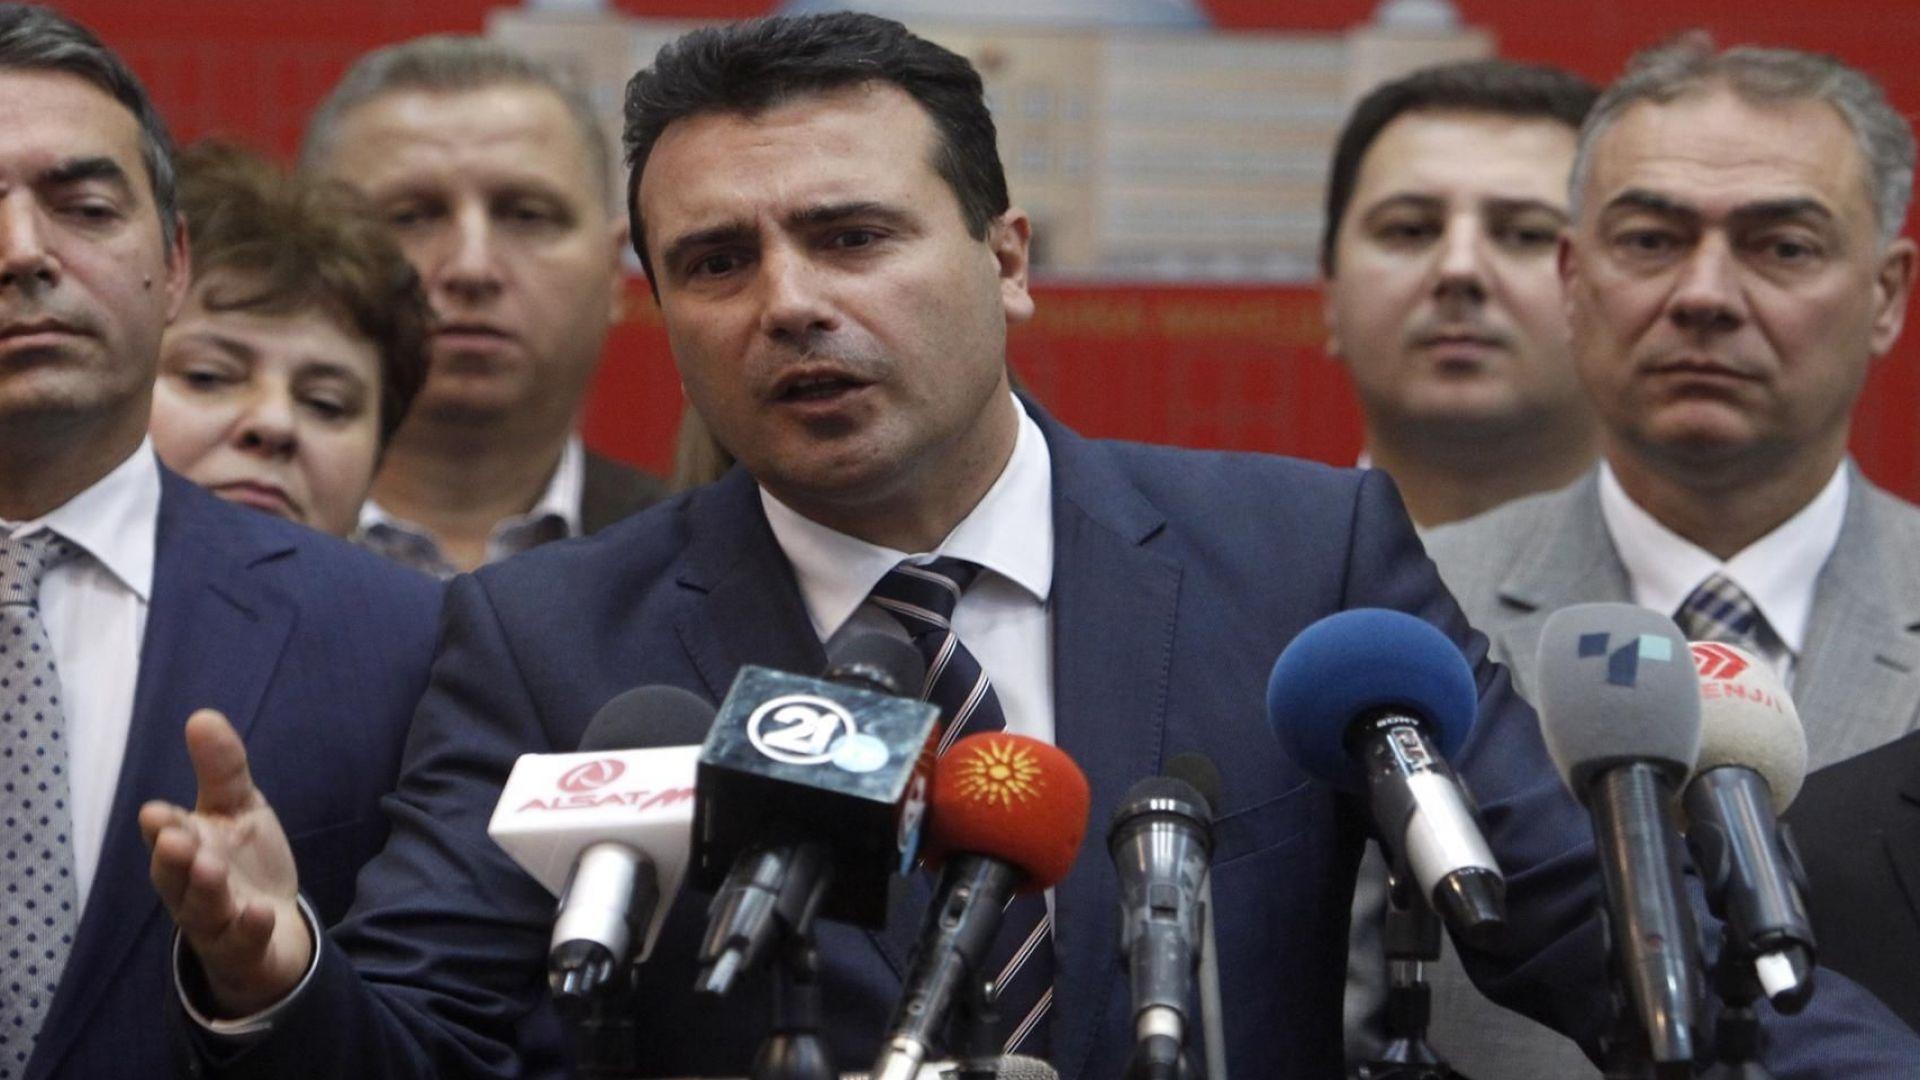 Македонското външно министерство отхвърли категорично коментара на външното министерство на